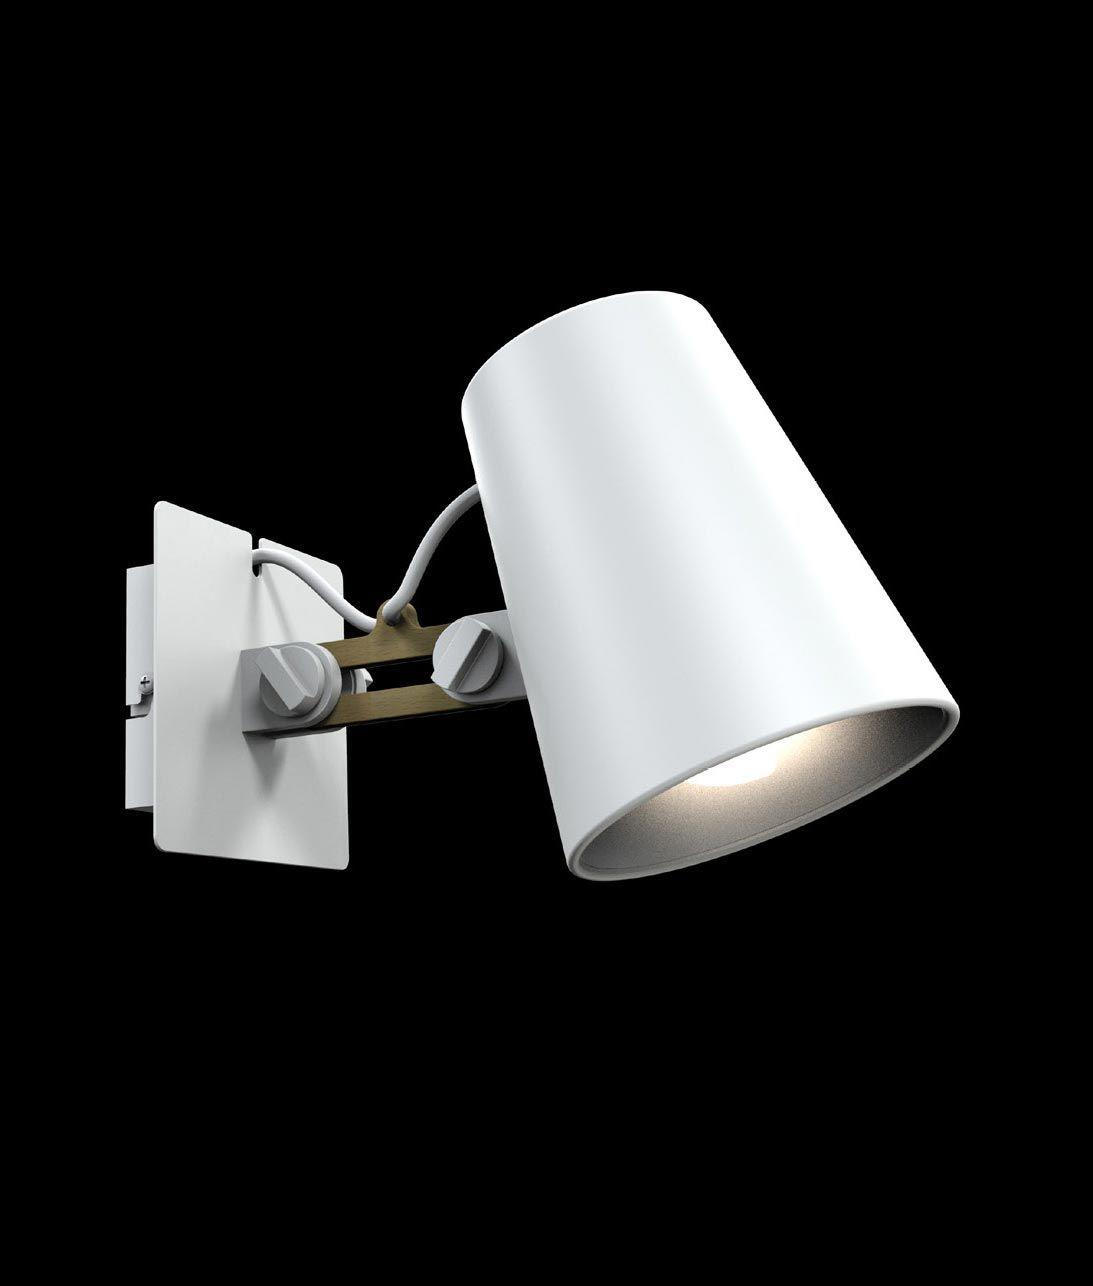 La De Lámpara Aplique Casa Pared LookerColecciones X0wkOP8n